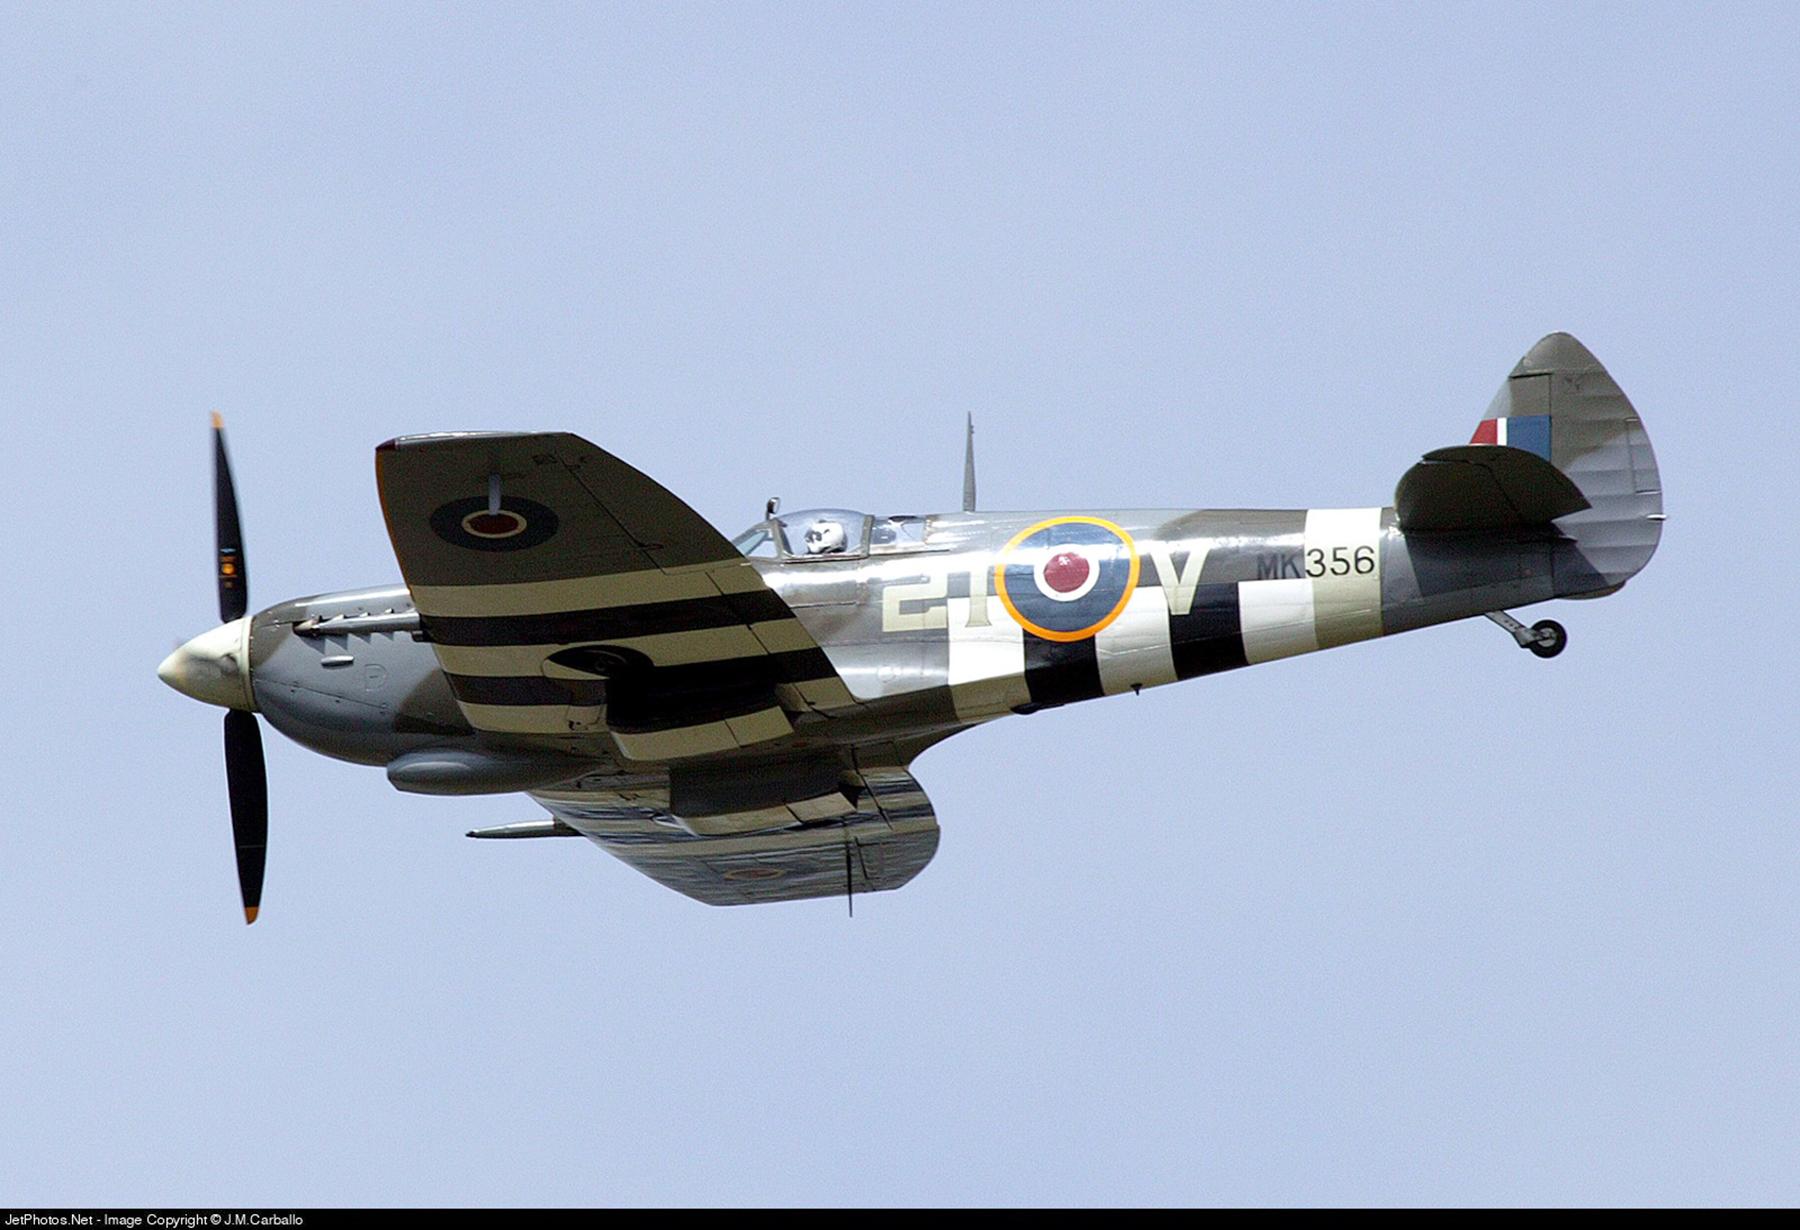 Airworthy Spitfire warbird MkIXe RCAF 443Sqn 2IV MK356 12